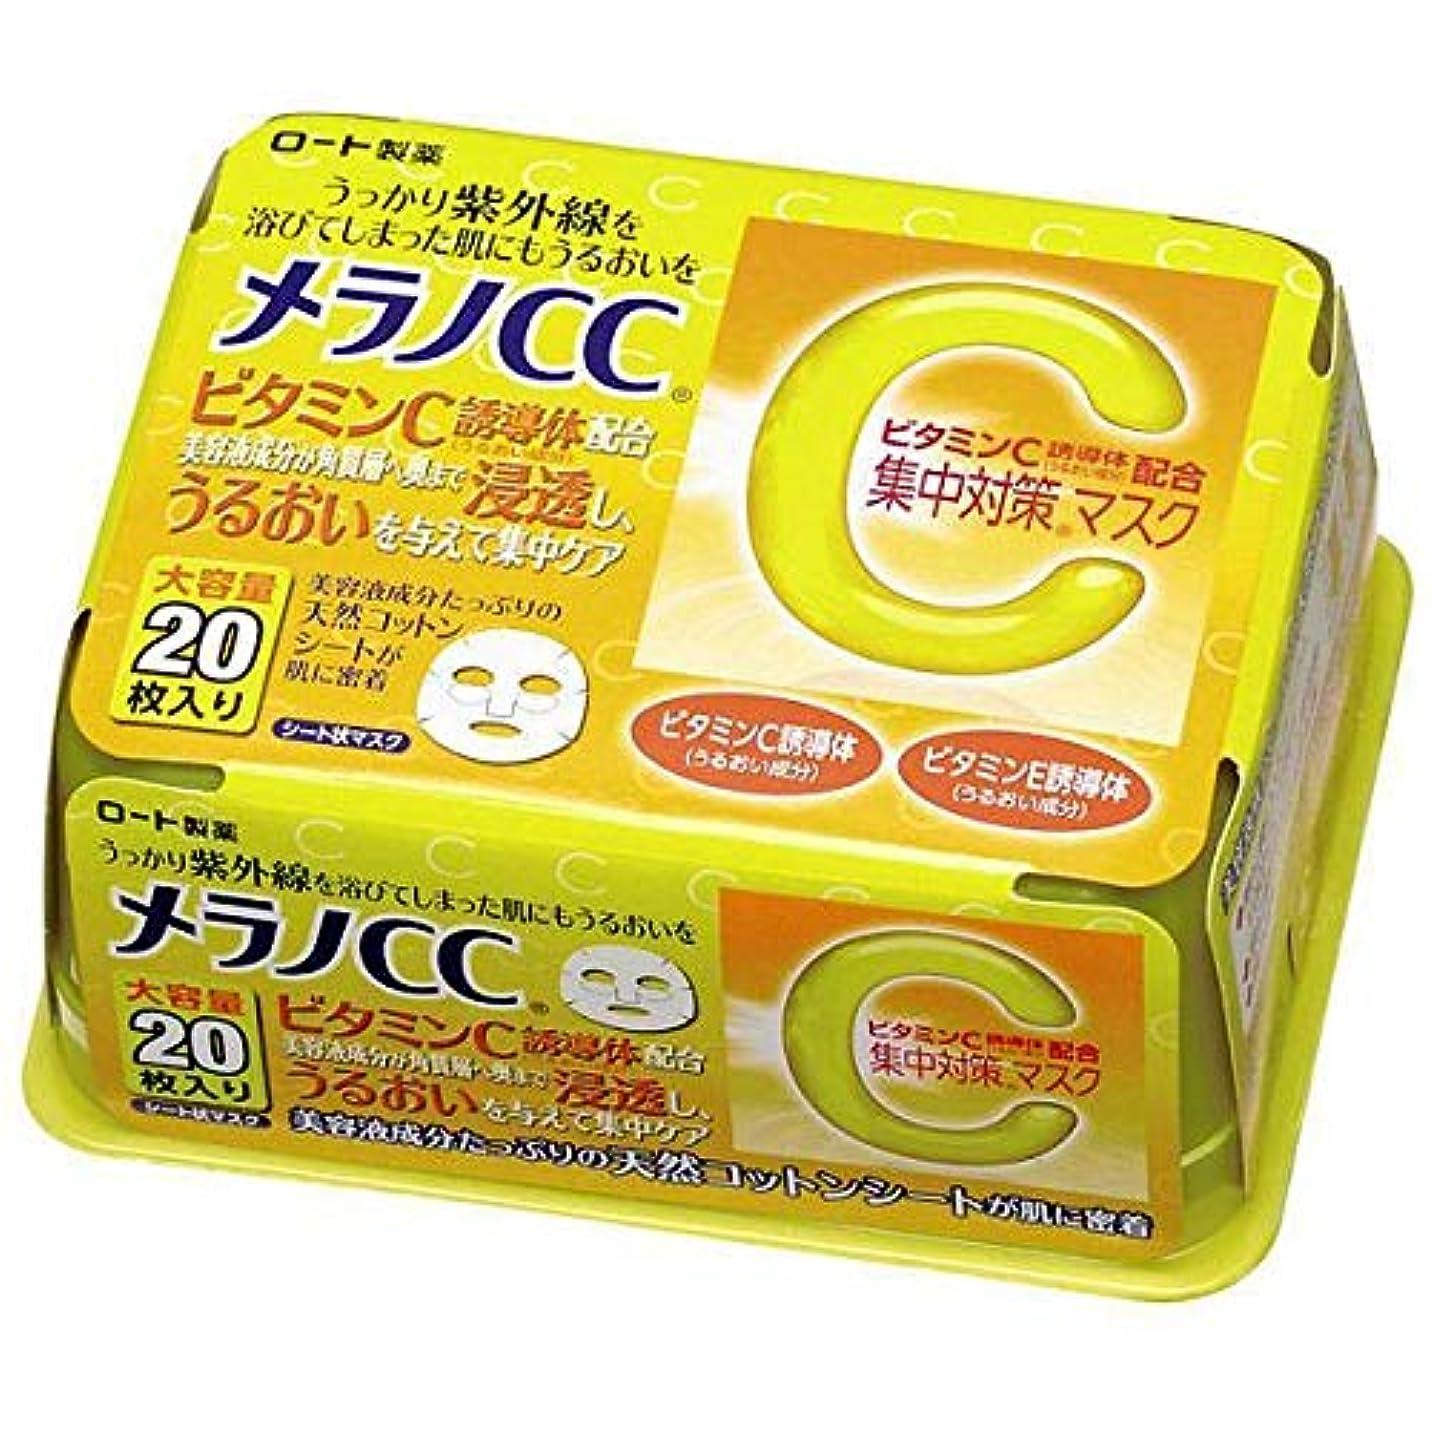 消費するパレード入力【お徳用】ロート製薬 メラノCC 集中対策マスク 20枚入 パック シートタイプ 大容量タイプ×24点セット (4987241135028)